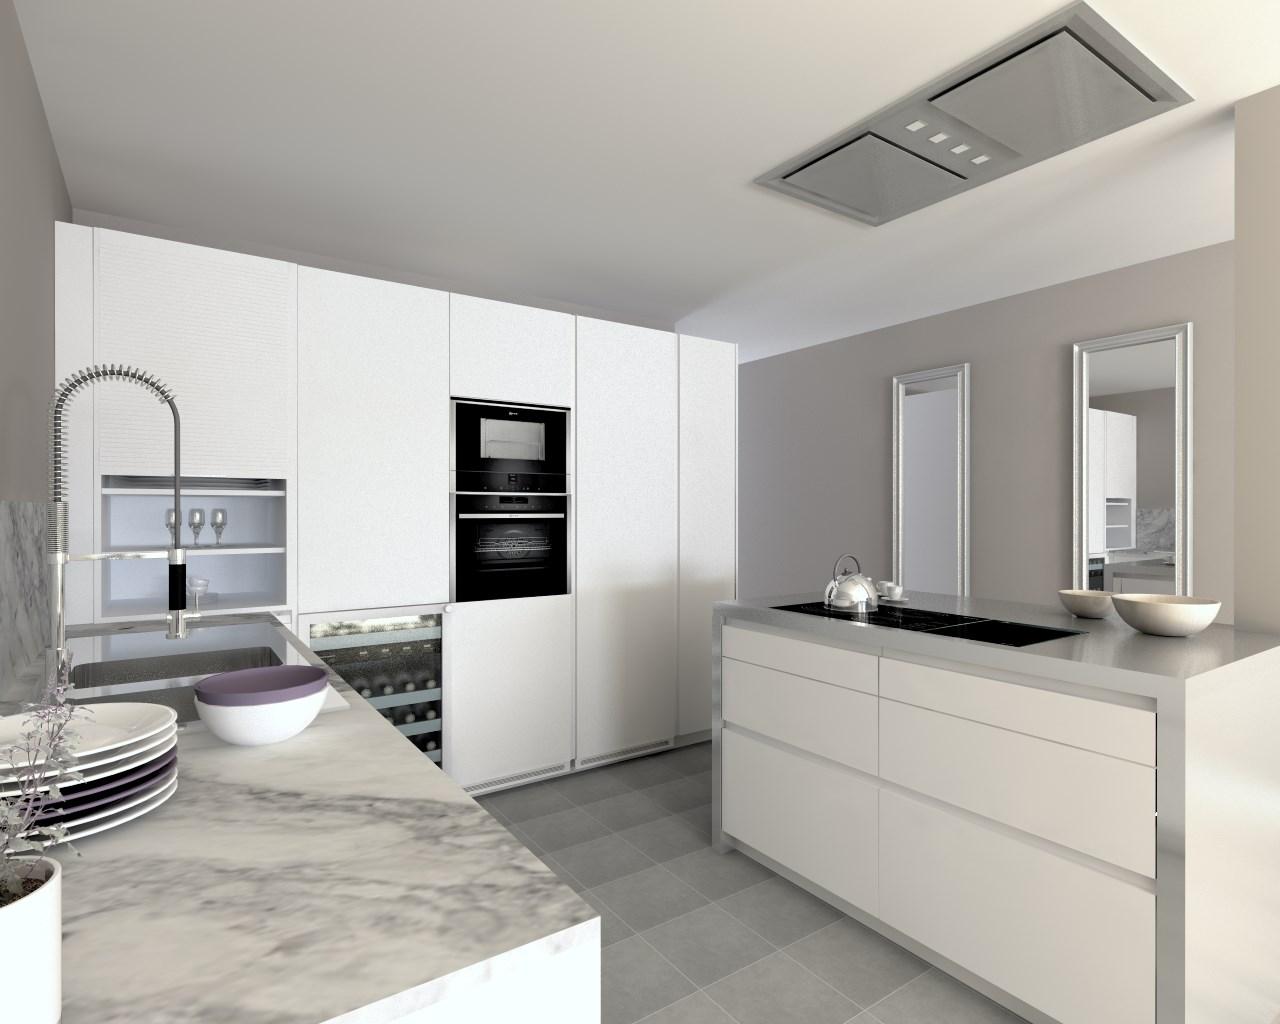 Cocina santos modelo line estratificado blanco encimera granito portobello estudio cocinas dc - Encimeras cocinas blancas ...